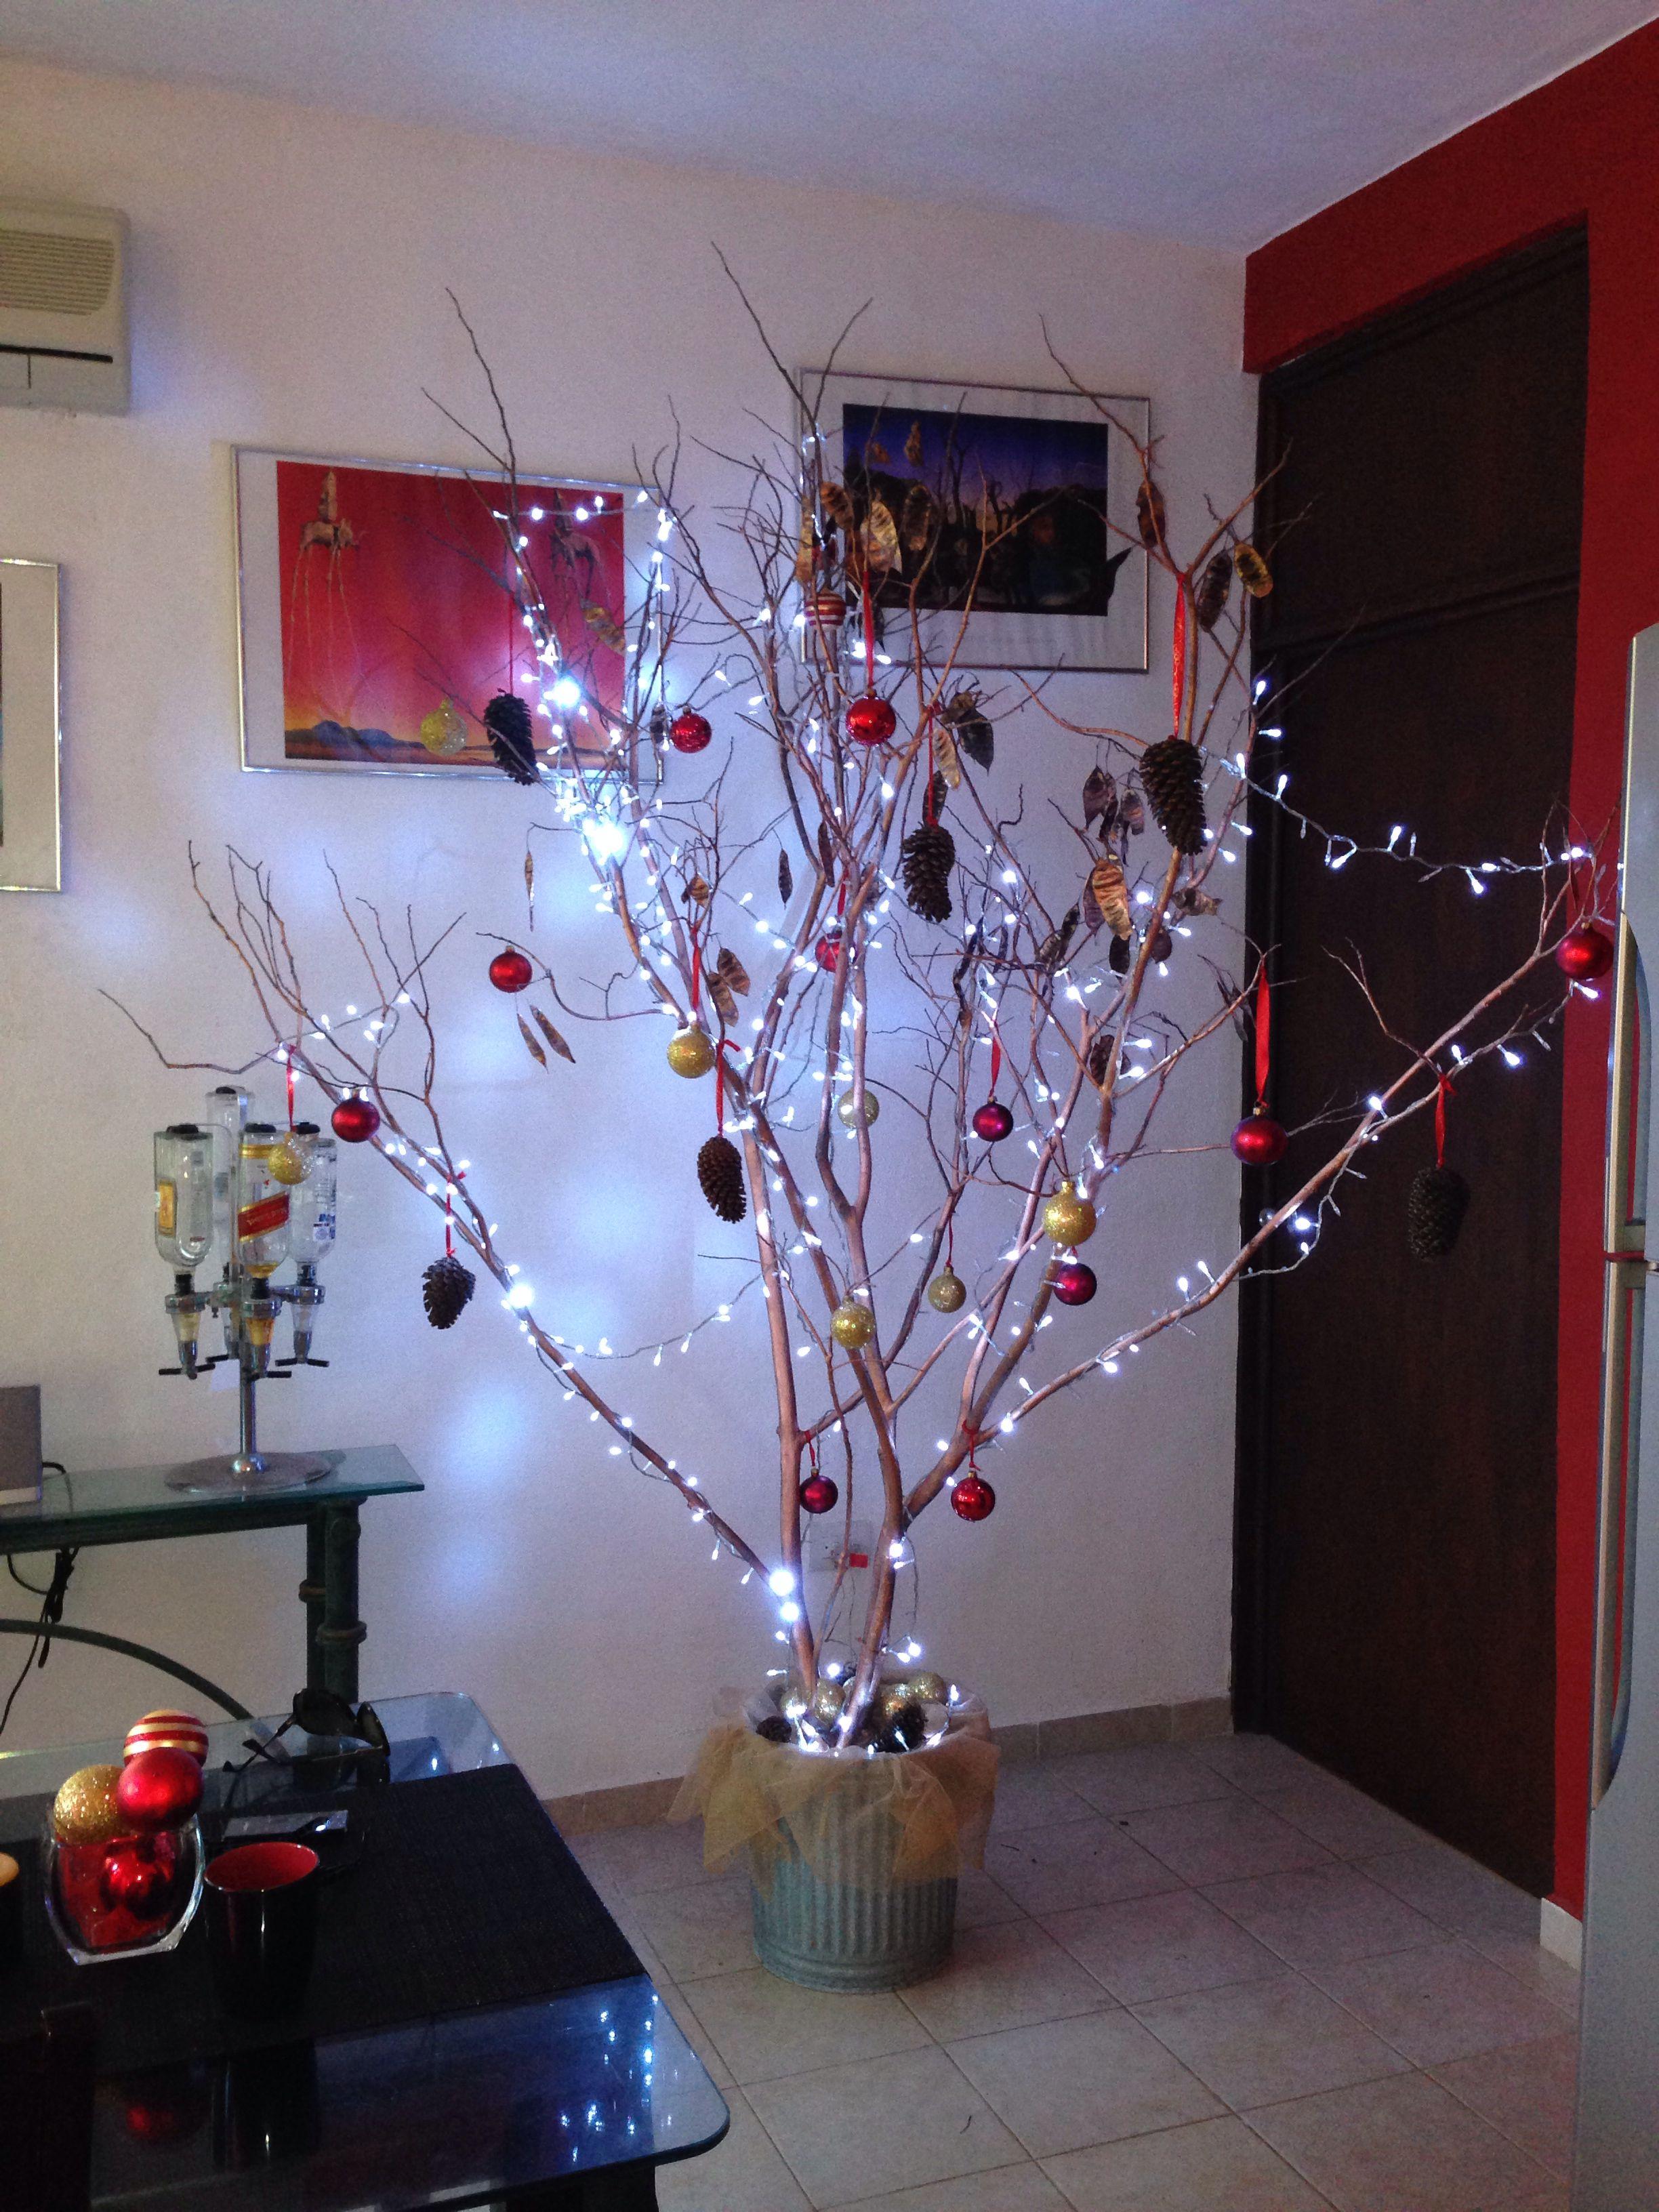 Mi arbolito de navidad ideas pinterest navidad - Decoracion arboles navidenos ...